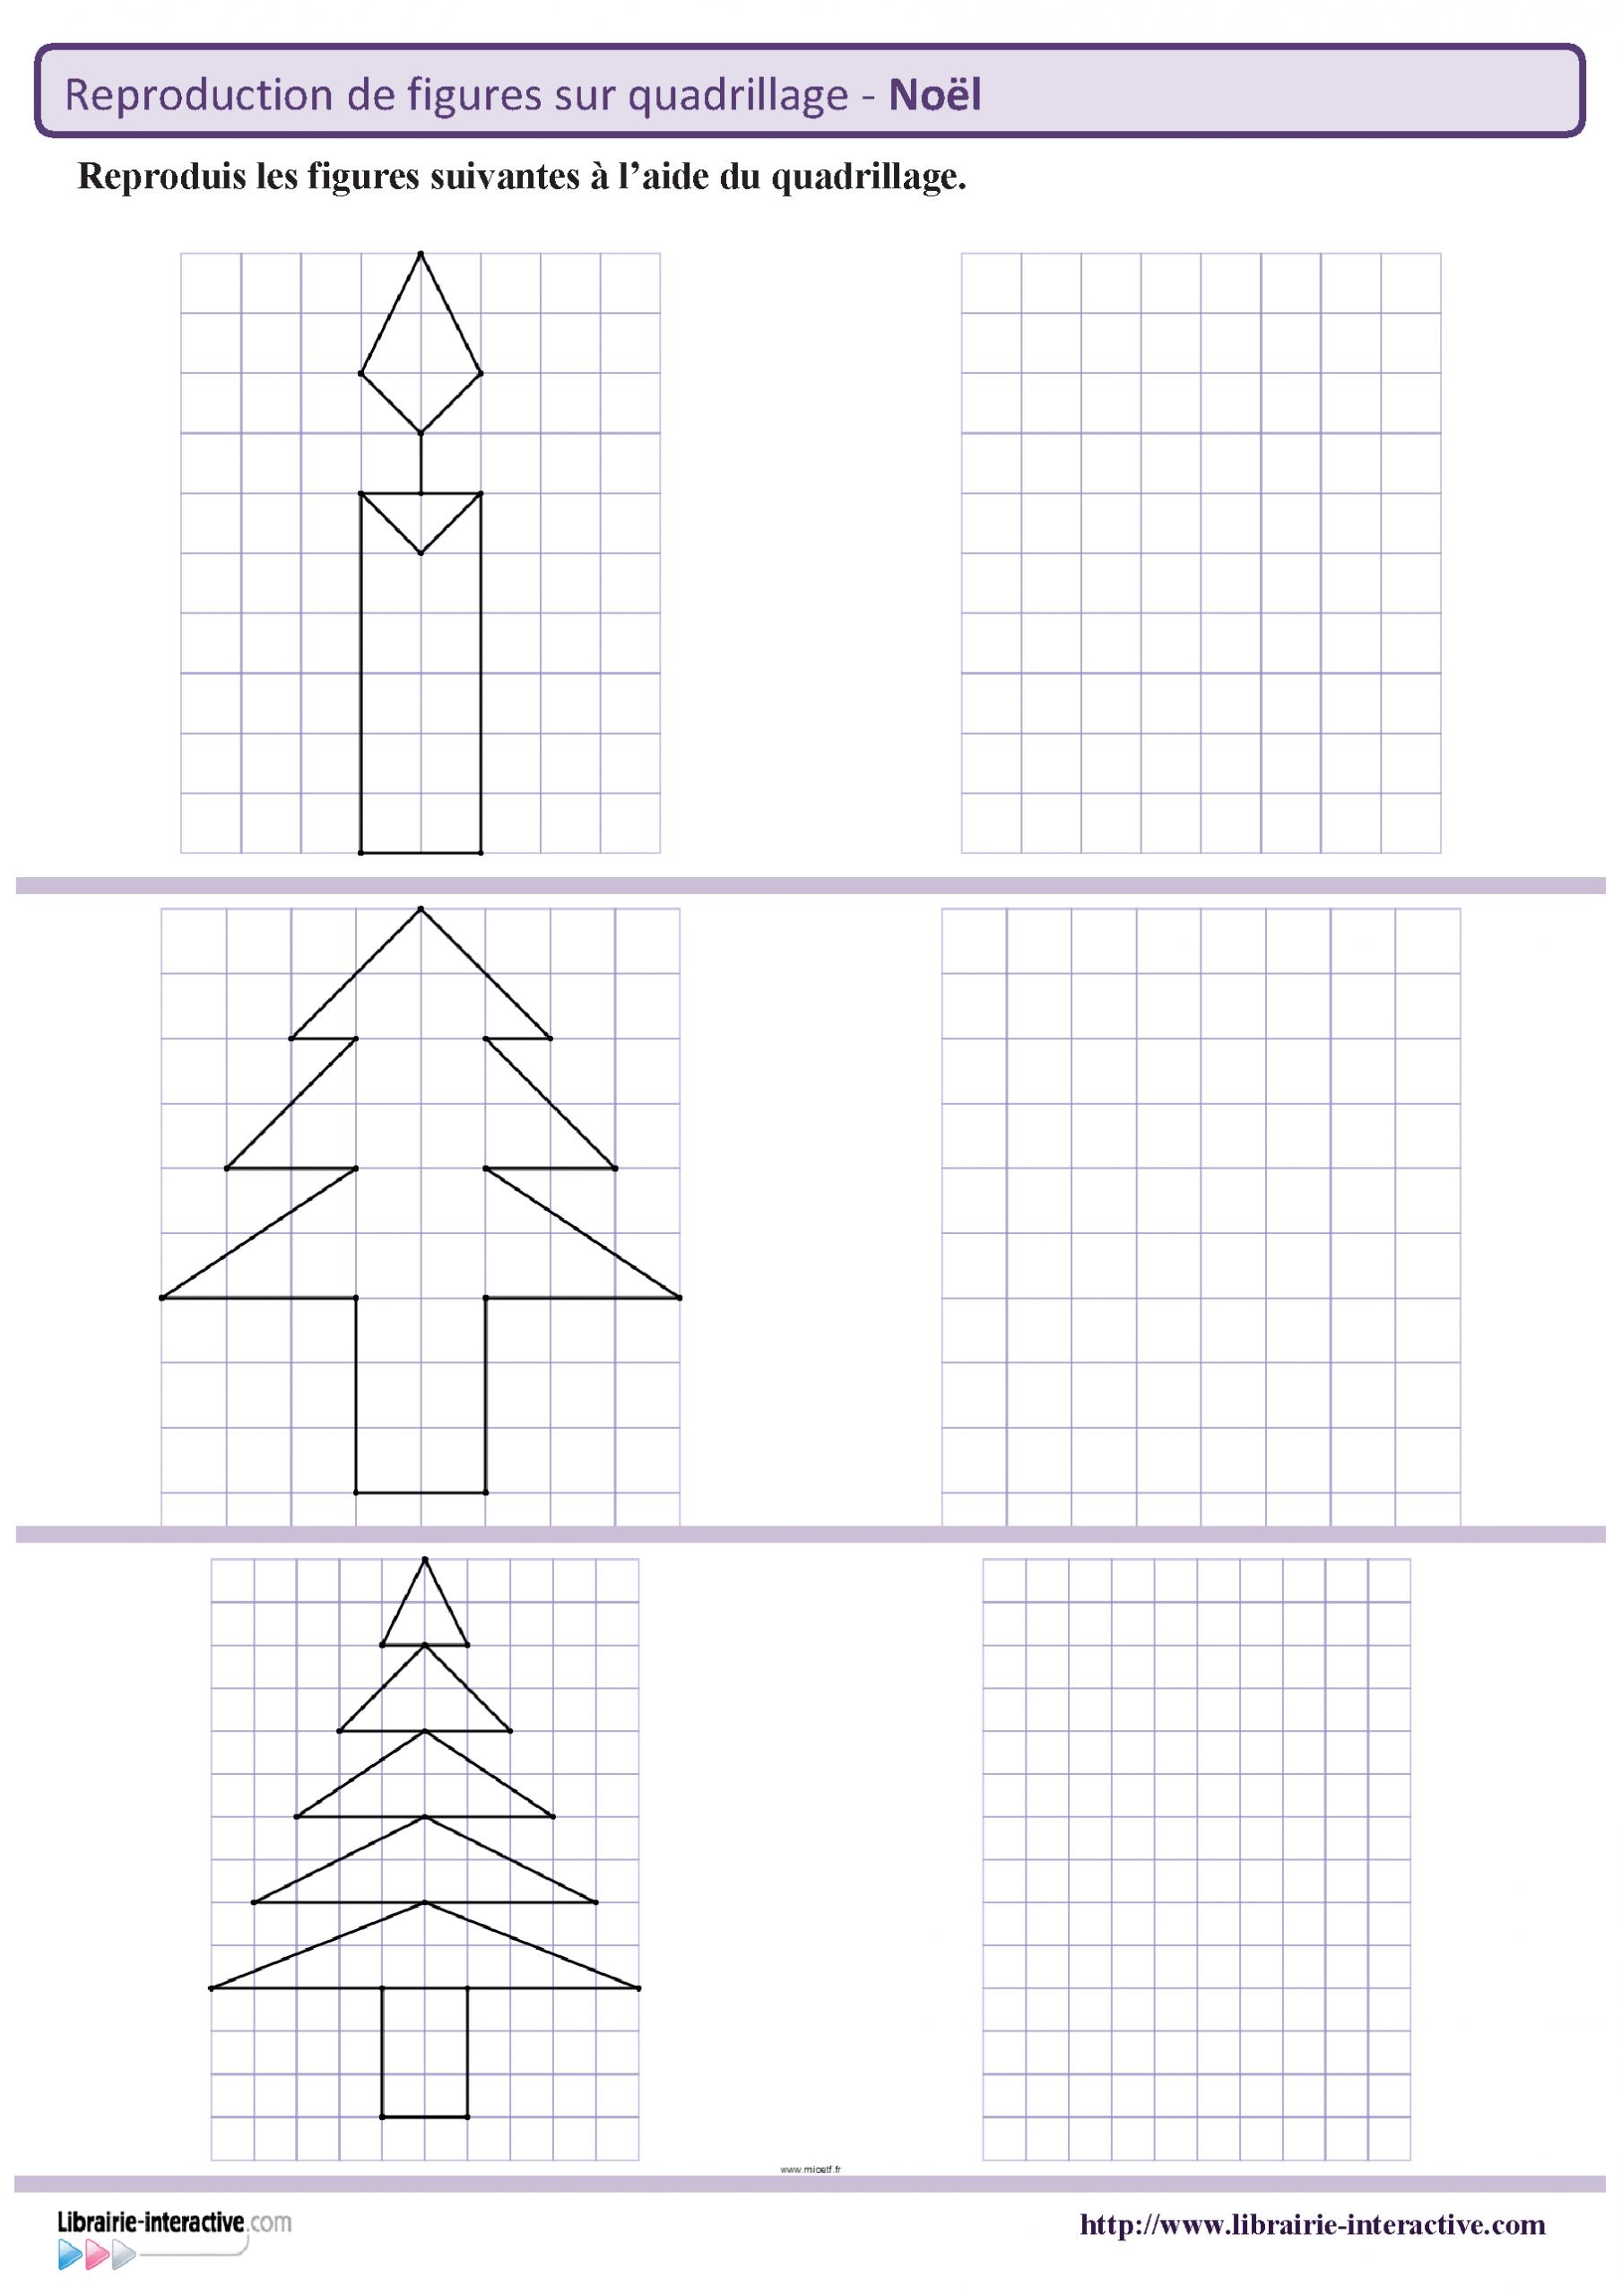 Des Figures Géométriques Sur Le Thème De Noël À Reproduire tout Reproduction Figure Cp